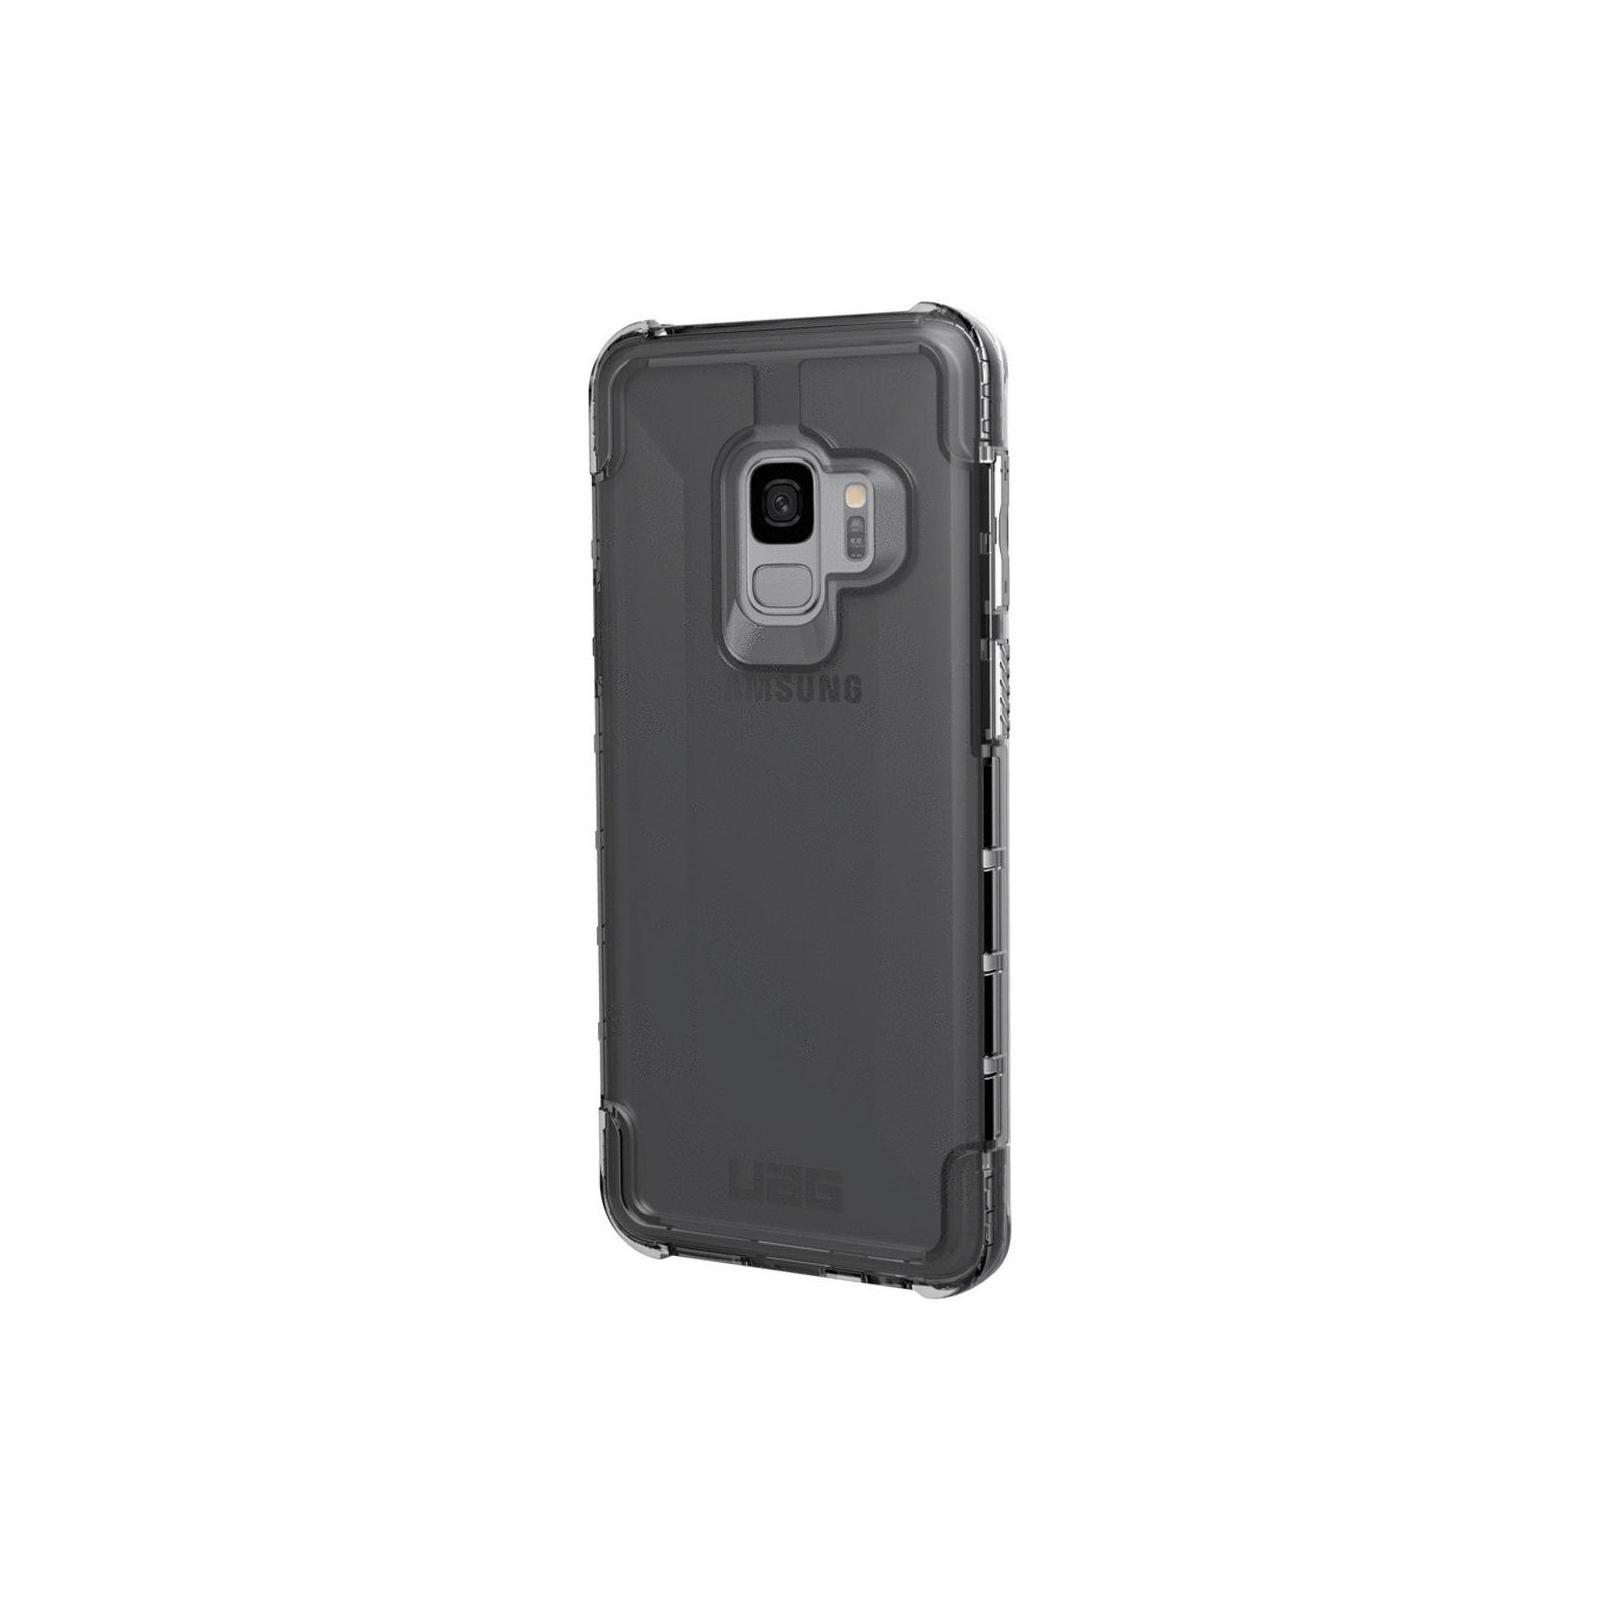 Чехол для моб. телефона Urban Armor Gear Galaxy S9 Plyo Ash (GLXS9-Y-AS) изображение 3